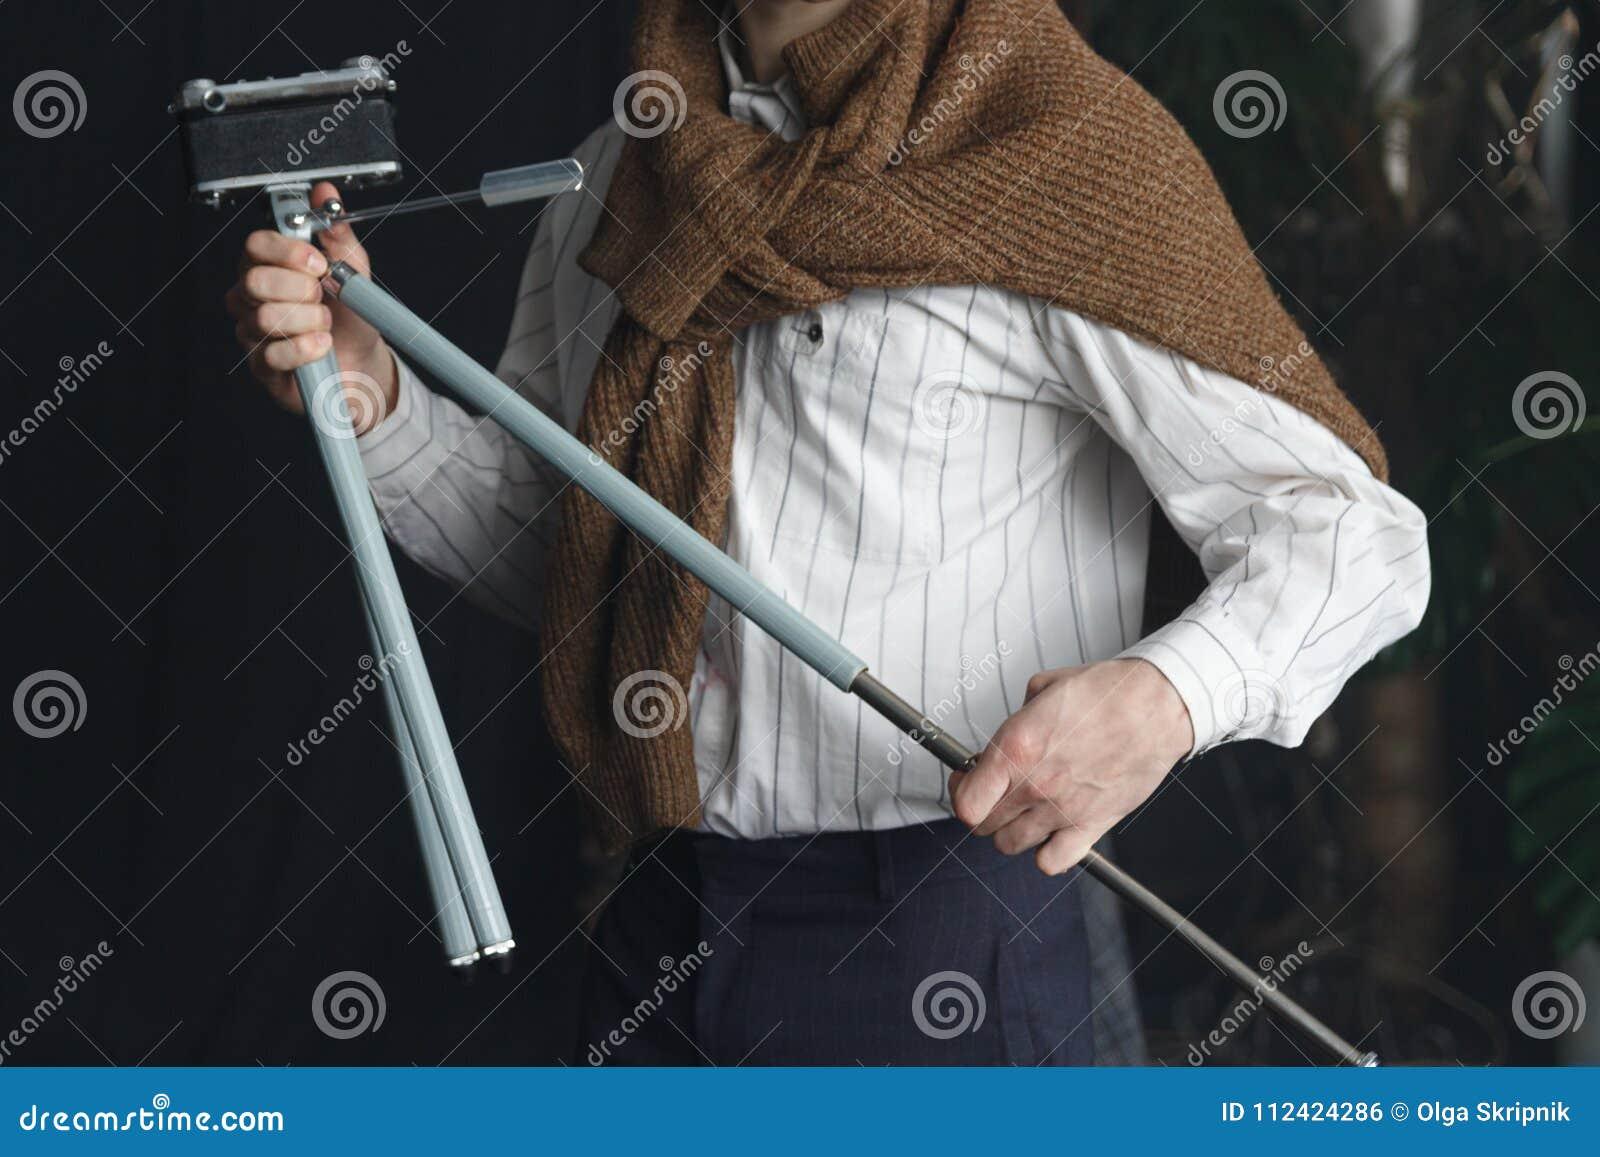 Un homme dans une chemise blanche et un chandail brun tient un vieux trépied avec un appareil-photo, un vintage